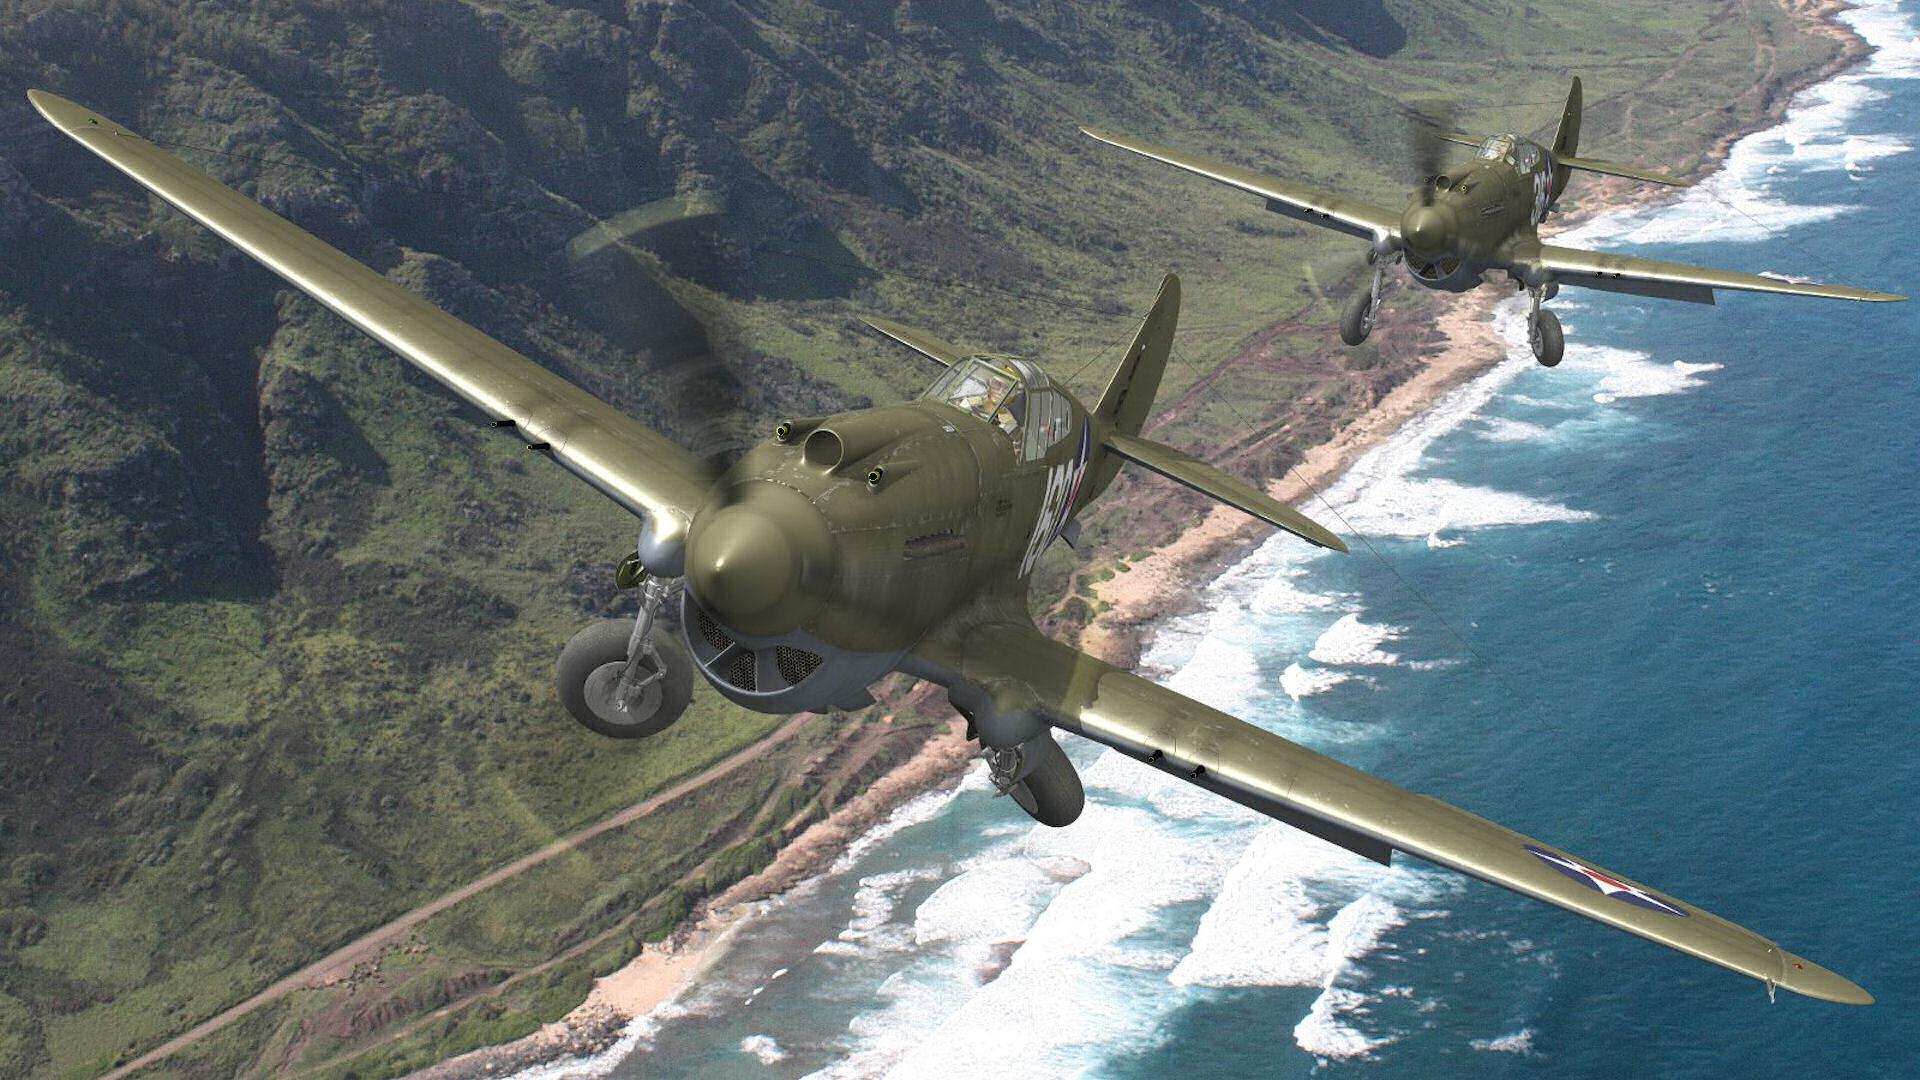 Curtiss P-40 Warhawk Computer Wallpapers, Desktop ...